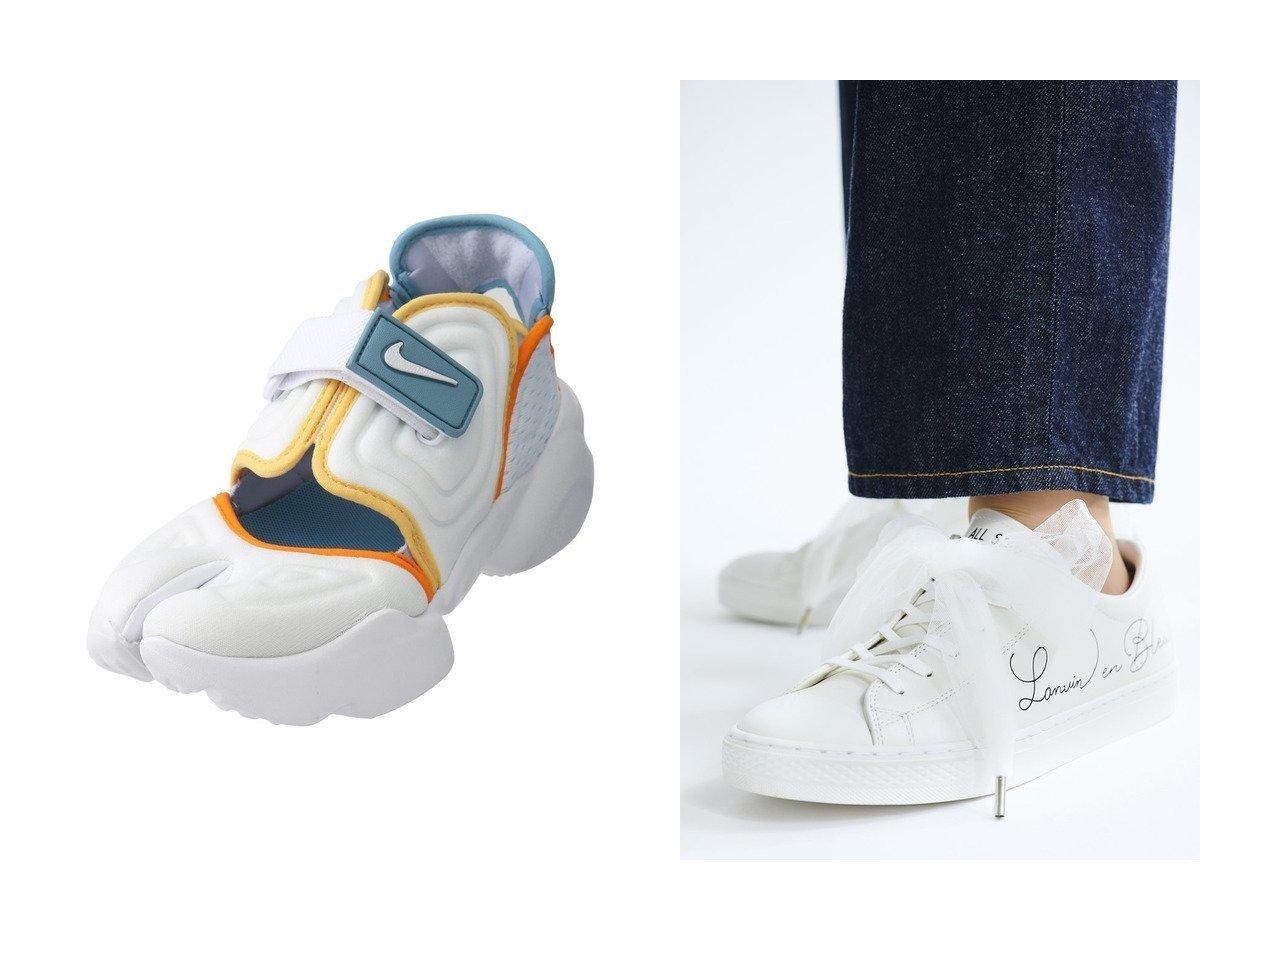 【ROSE BUD/ローズバッド】の【NIKE】ナイキ アクア リフト&【LANVIN en Bleu/ランバン オン ブルー】のコンバースコラボスニーカー 【シューズ・靴】おすすめ!人気、トレンド・レディースファッションの通販 おすすめで人気の流行・トレンド、ファッションの通販商品 インテリア・家具・メンズファッション・キッズファッション・レディースファッション・服の通販 founy(ファニー) https://founy.com/ ファッション Fashion レディースファッション WOMEN ジップ スニーカー フィット ラップ 別注  ID:crp329100000052532